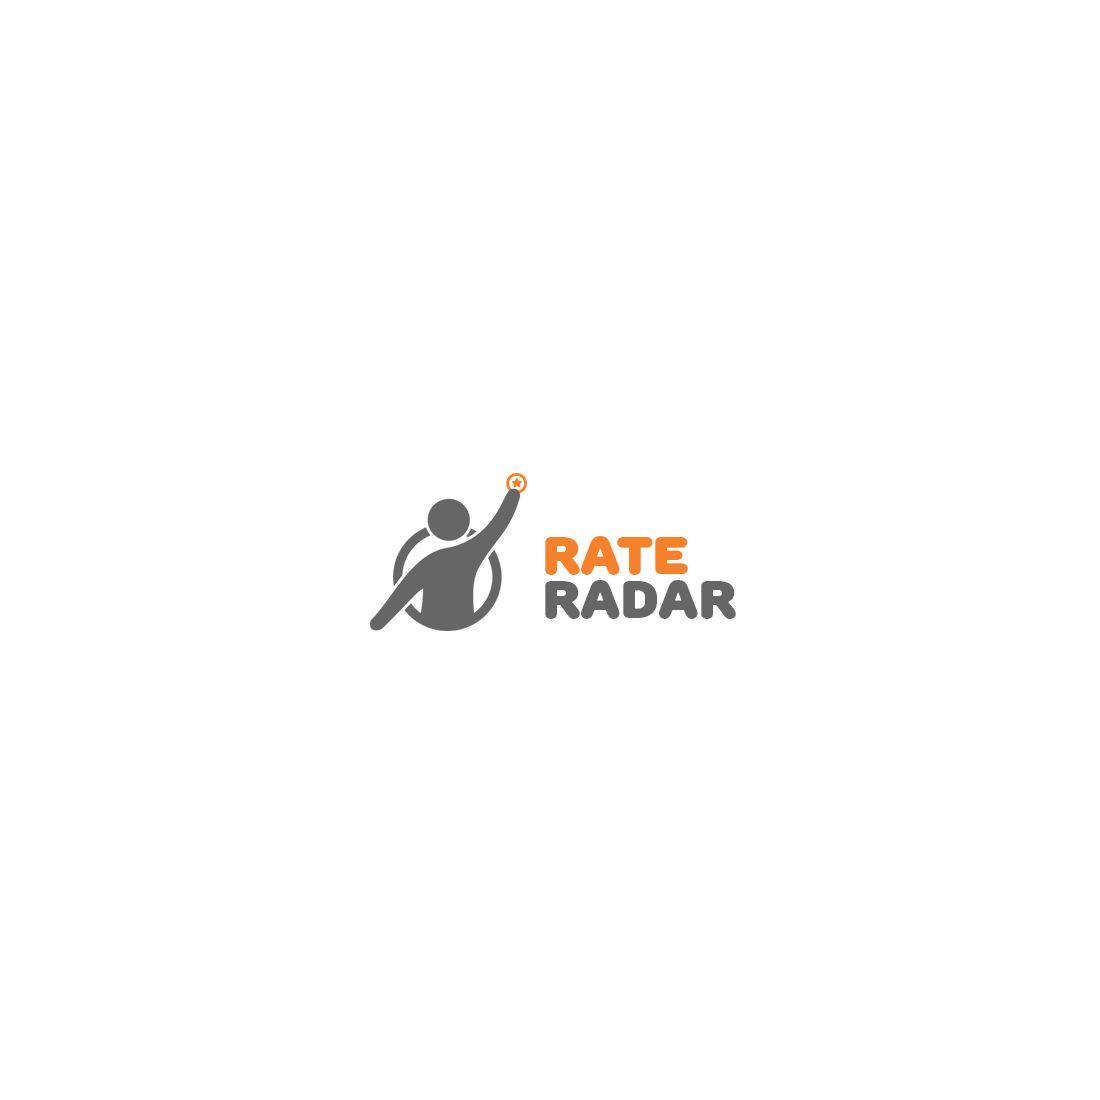 Фирменный стиль + лого для Rate Radar - дизайнер IIsixo_O